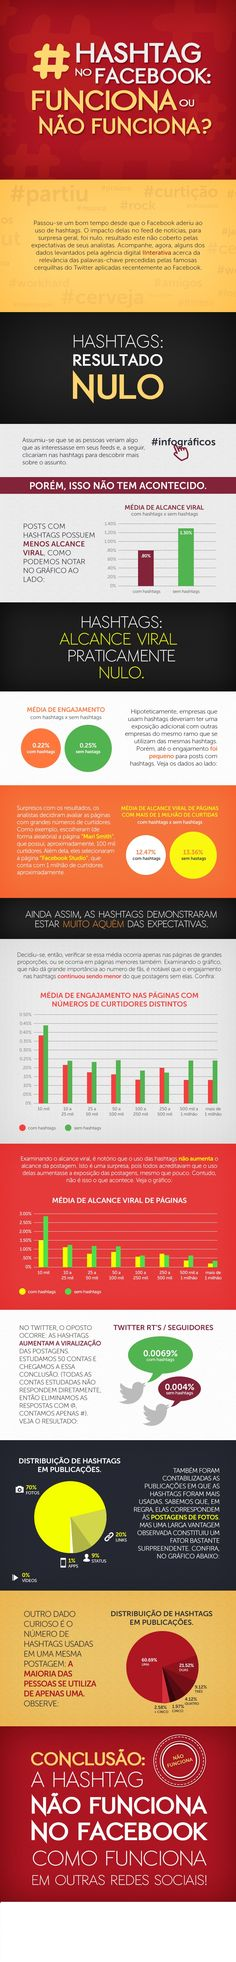 Informações levantadas pela Interativa mostram que impacto das hashtags no Facebook é nulo, enquanto no Twitter é eficaz